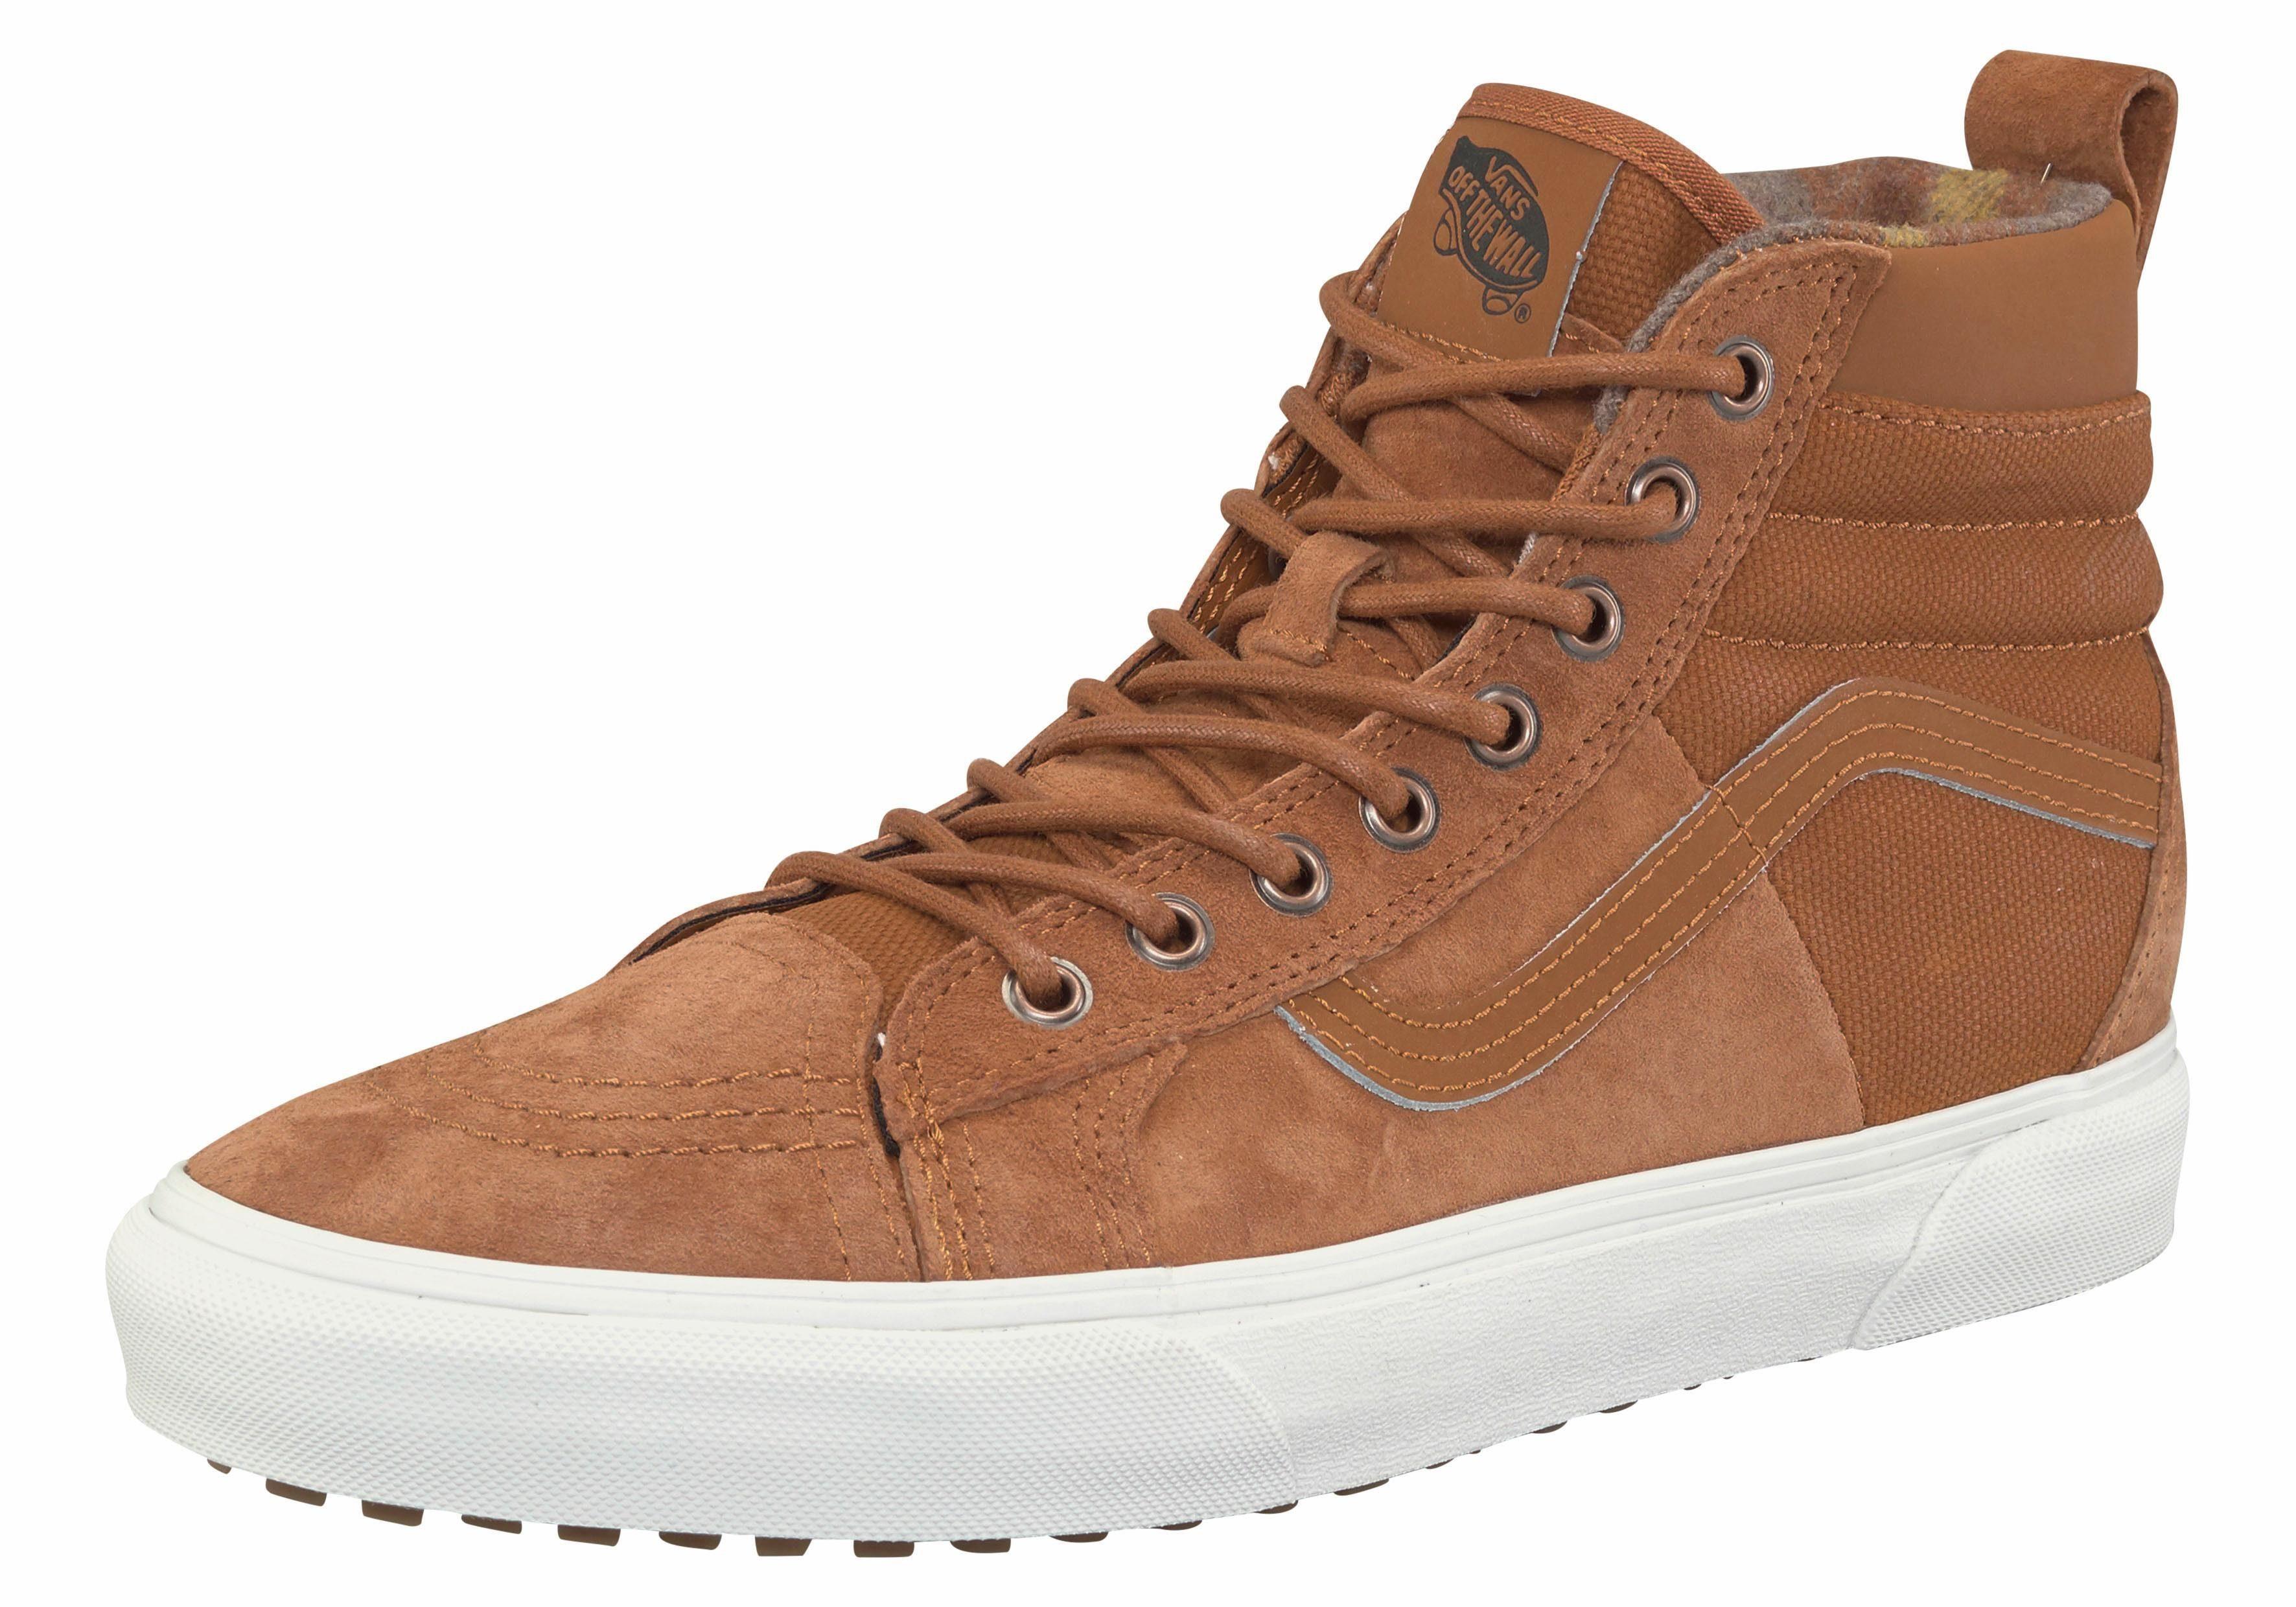 Vans SK8-Hi 46 MTE DX Sneaker online kaufen  hellbraun